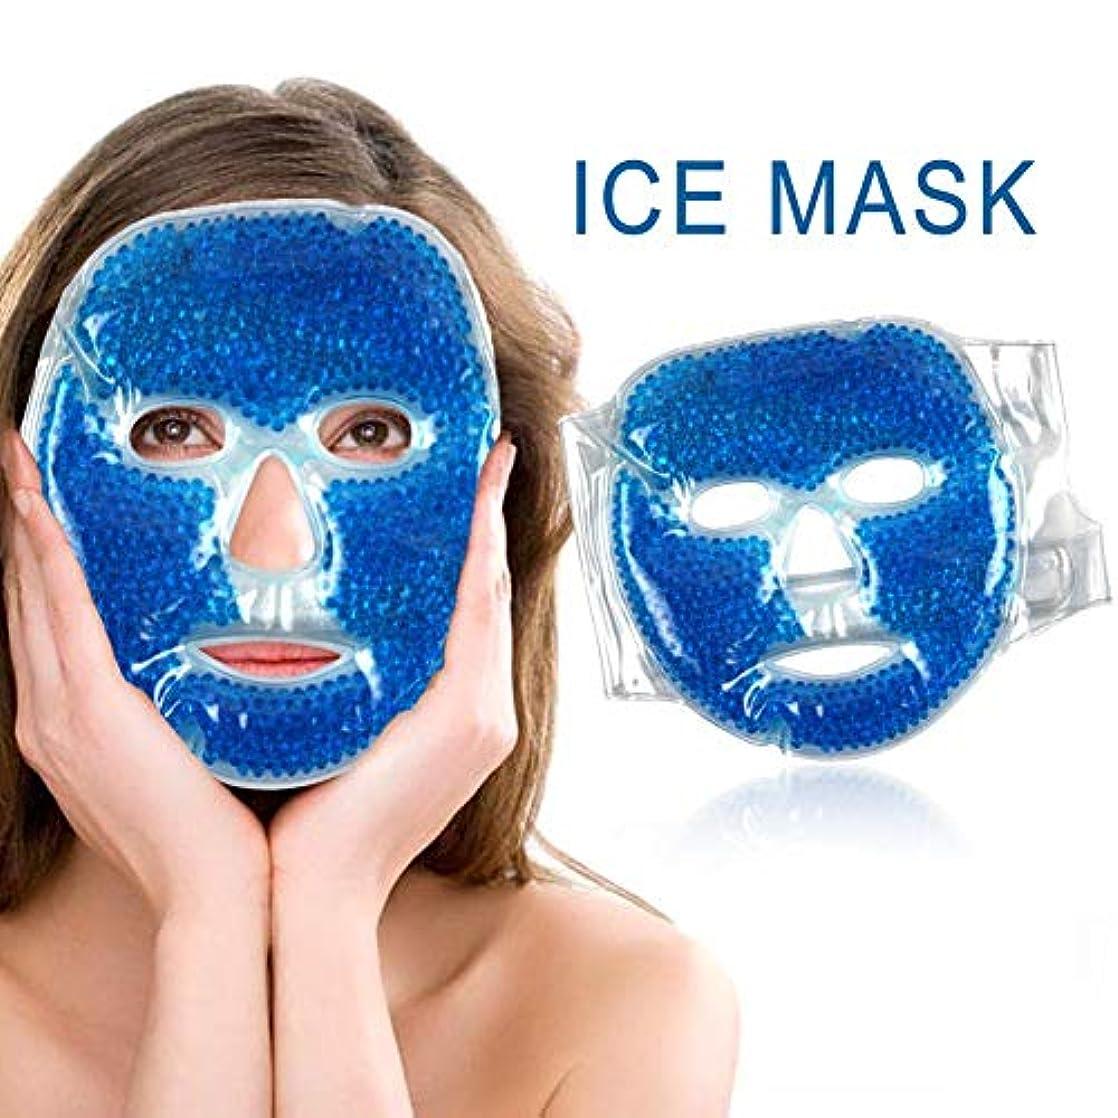 消毒剤溶けた便宜SILUN フェイスマスク 冷温兼用 アイスマスク 美容用 再利用可能 毛細血管収縮 疲労緩和 肌ケア 保湿 吸収しやすい 美容マッサージ